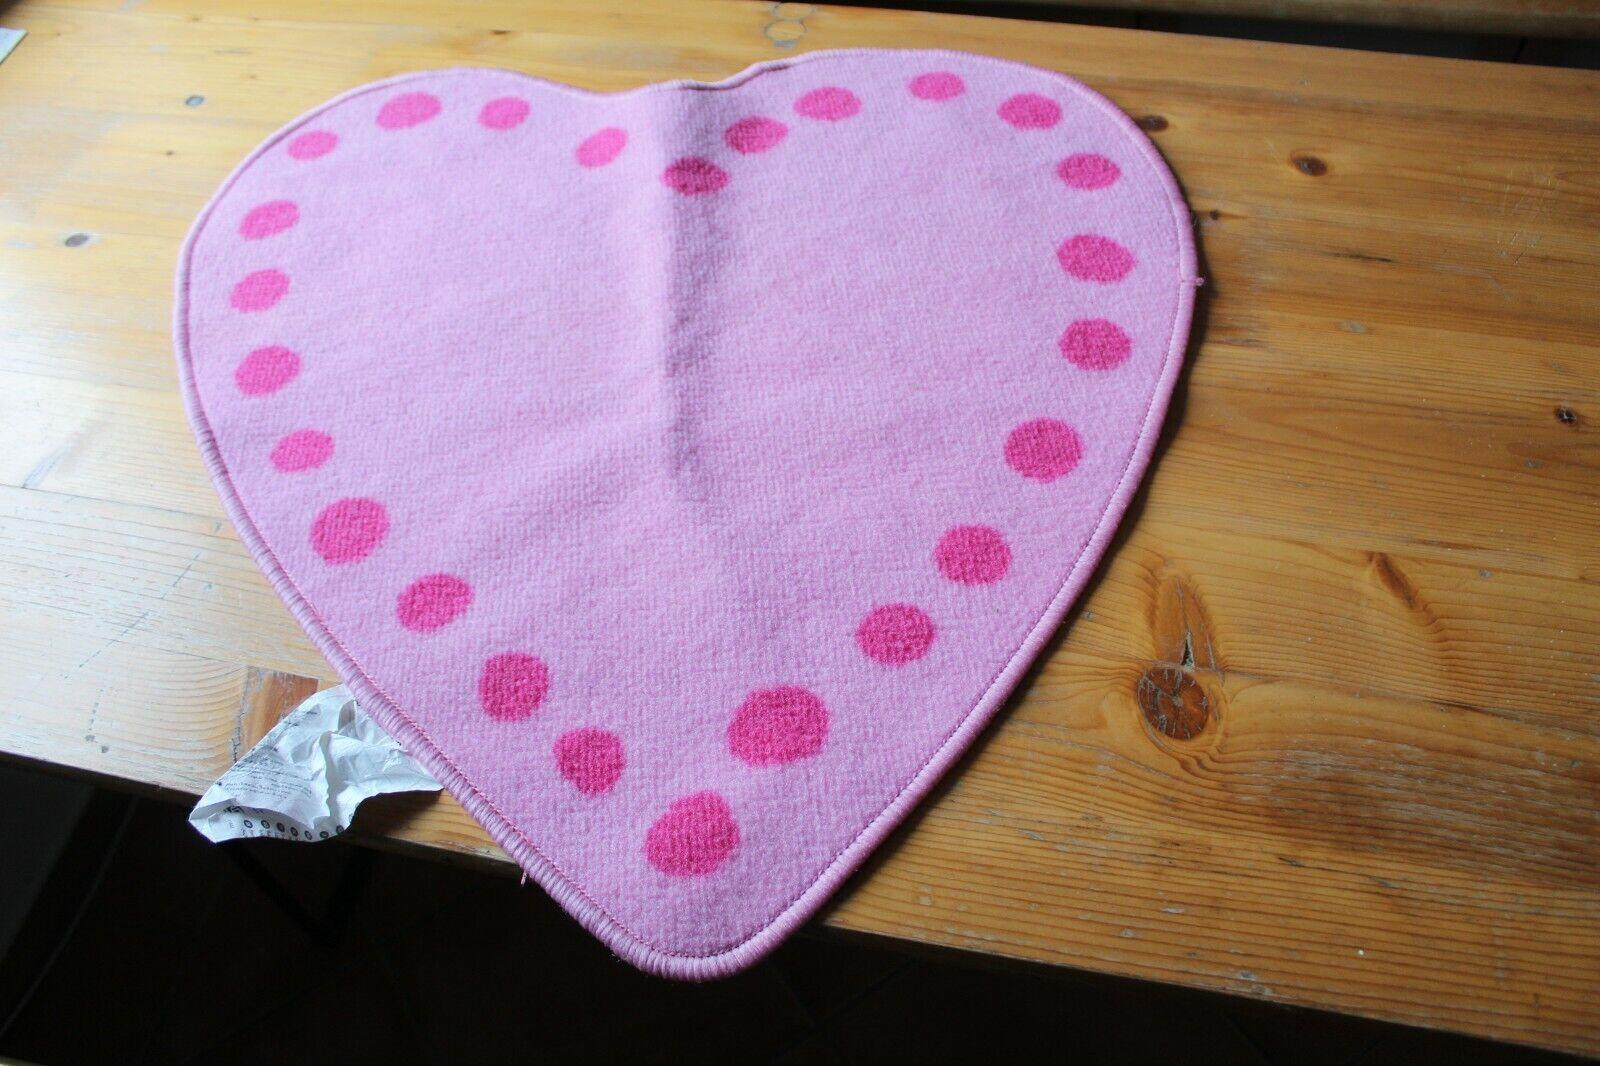 Ikea Kinderteppich Herz Rosa/Pink Vitaminer Hjärta Größe 67x64